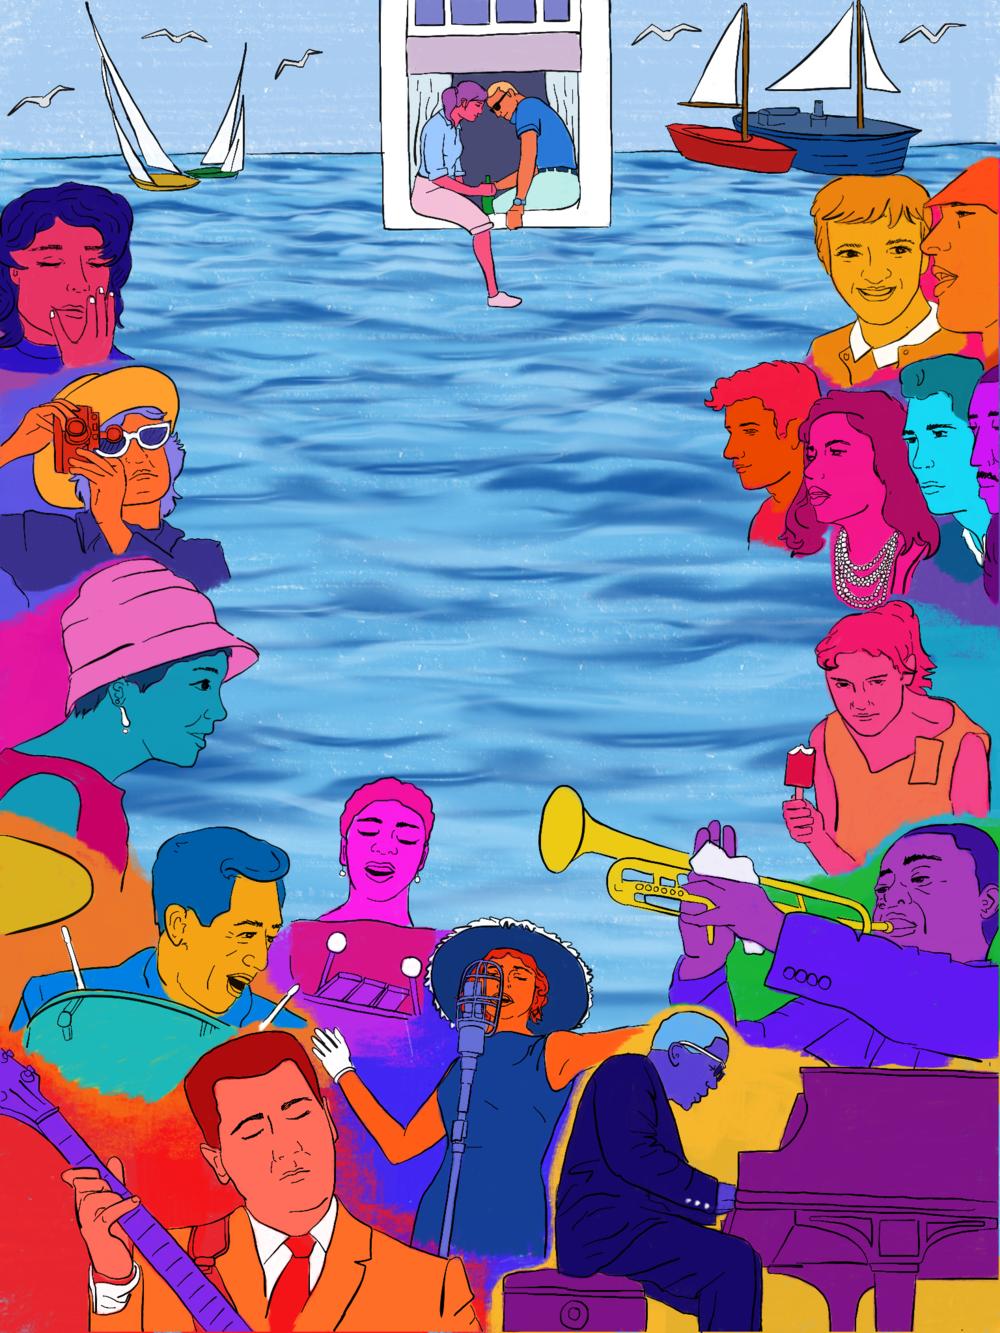 illustration by Amanda McCleod